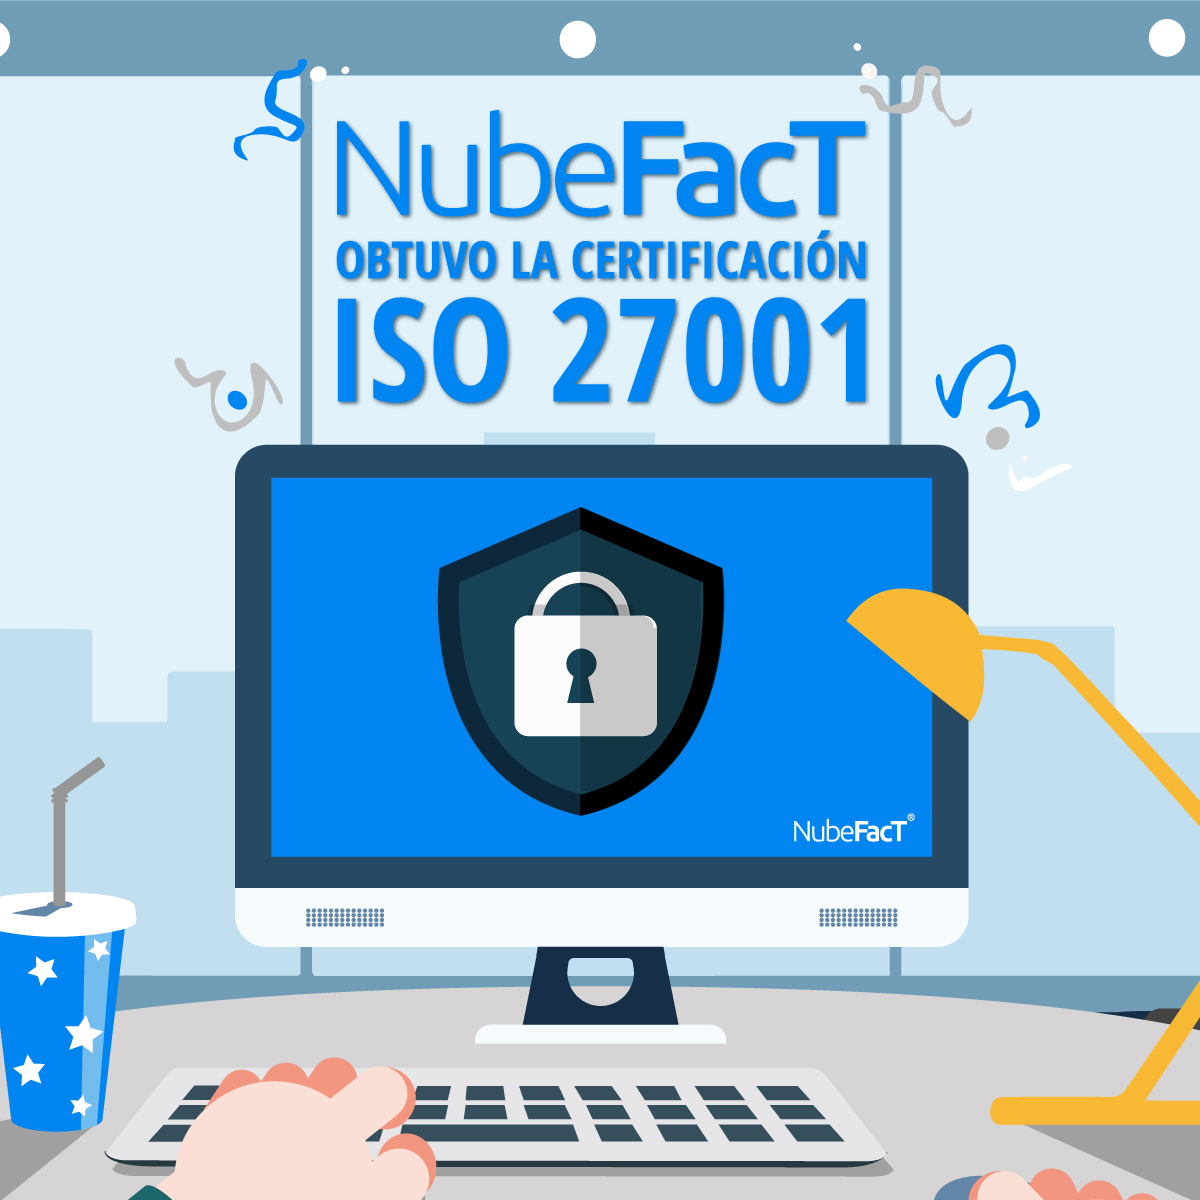 Nubefact obtuvo la certificacion iso 27001